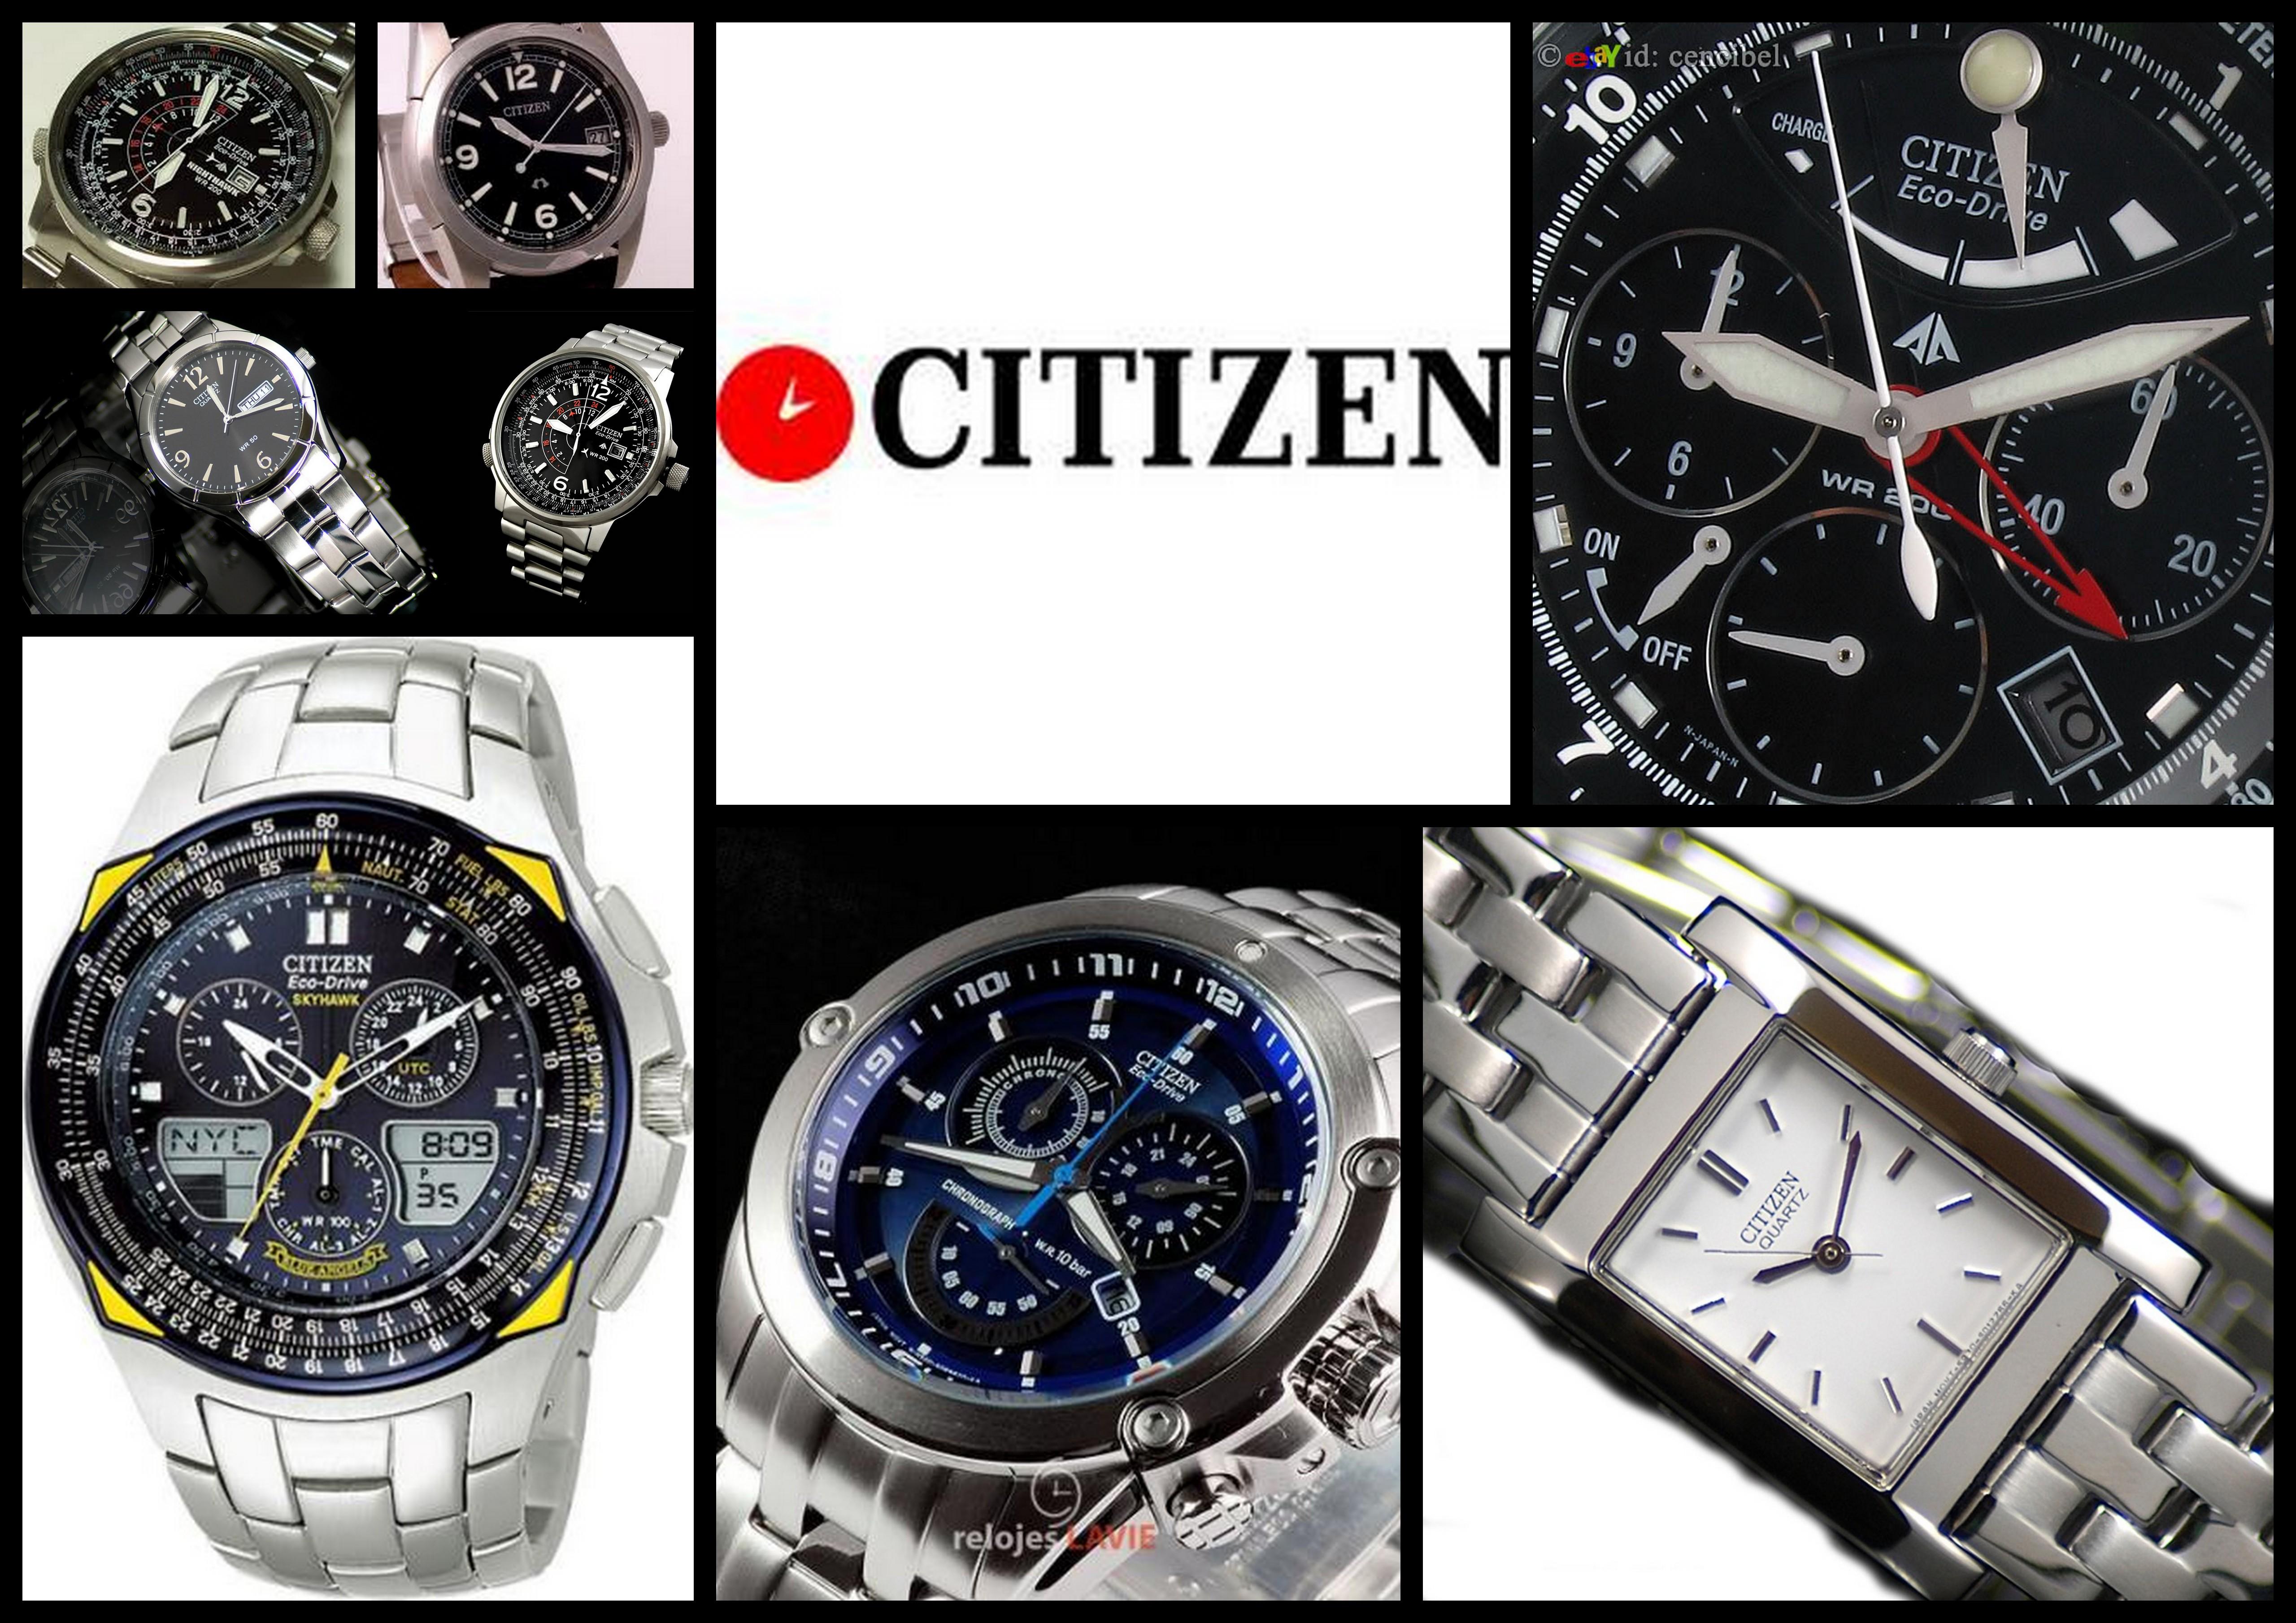 Relojes Citizen Joyeria Azurite